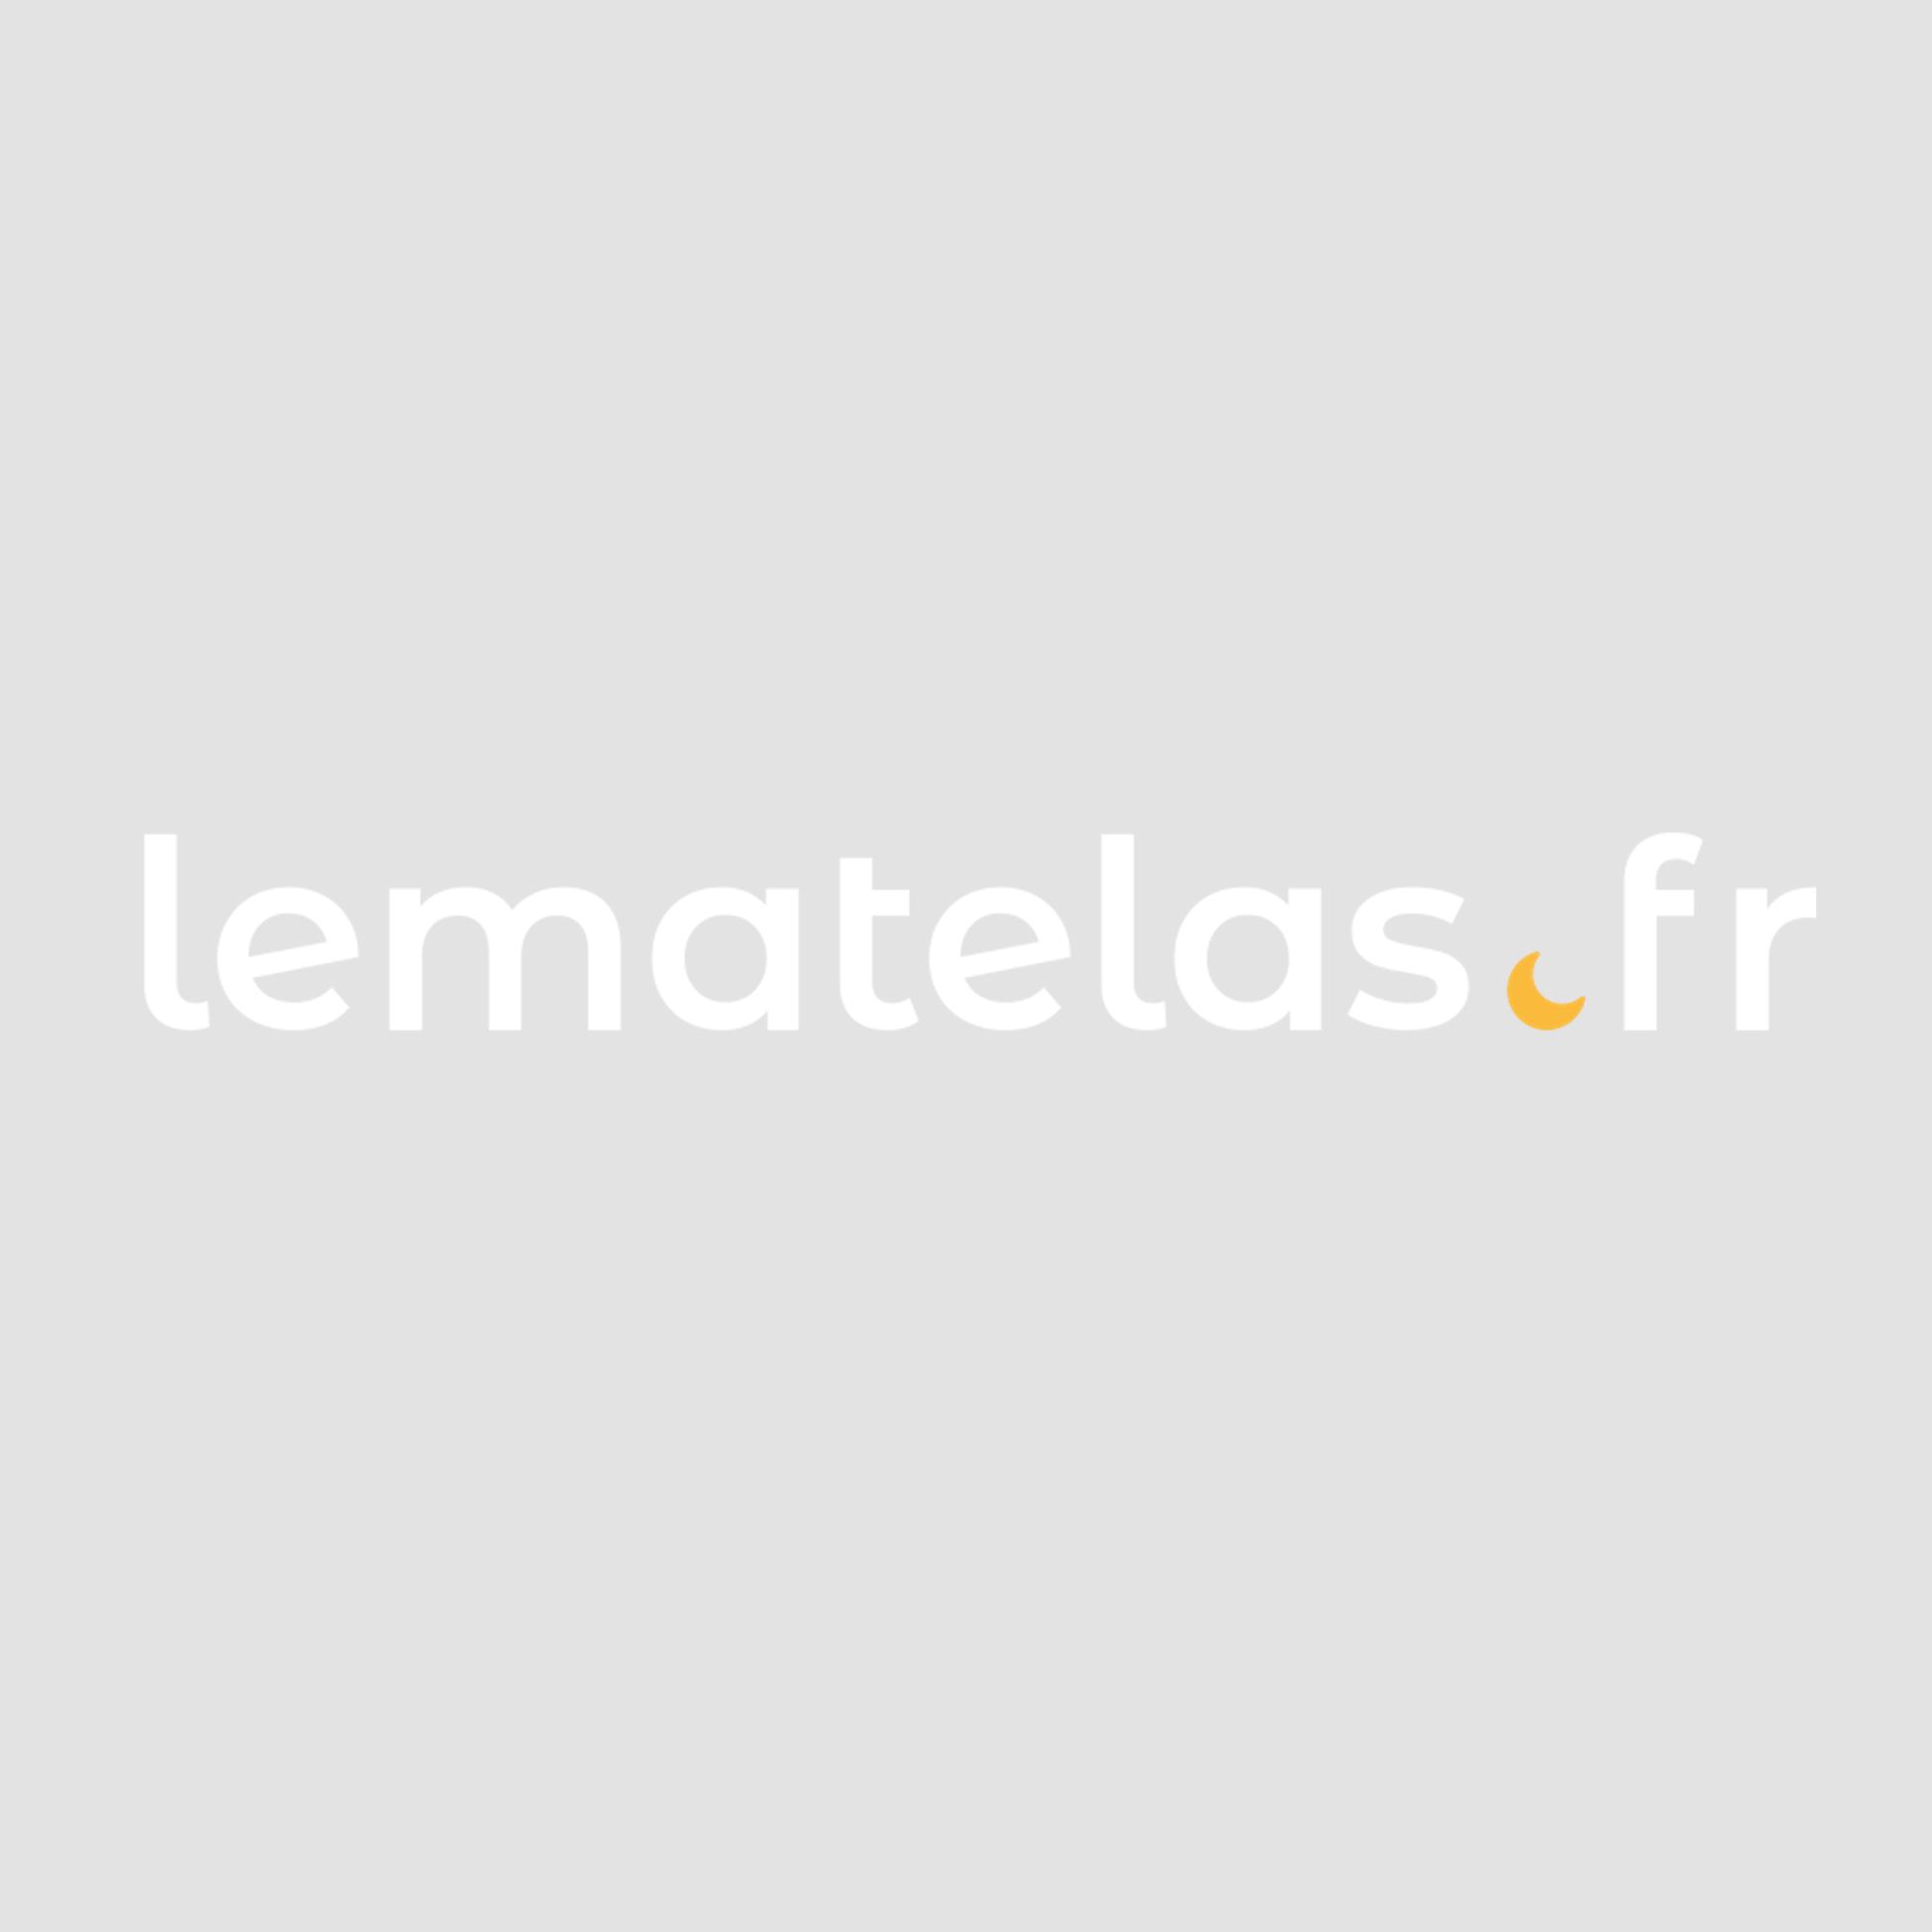 Drap housse rose aube 100% lin bonnet 30 cm 120x200 cm - Hôtellerie